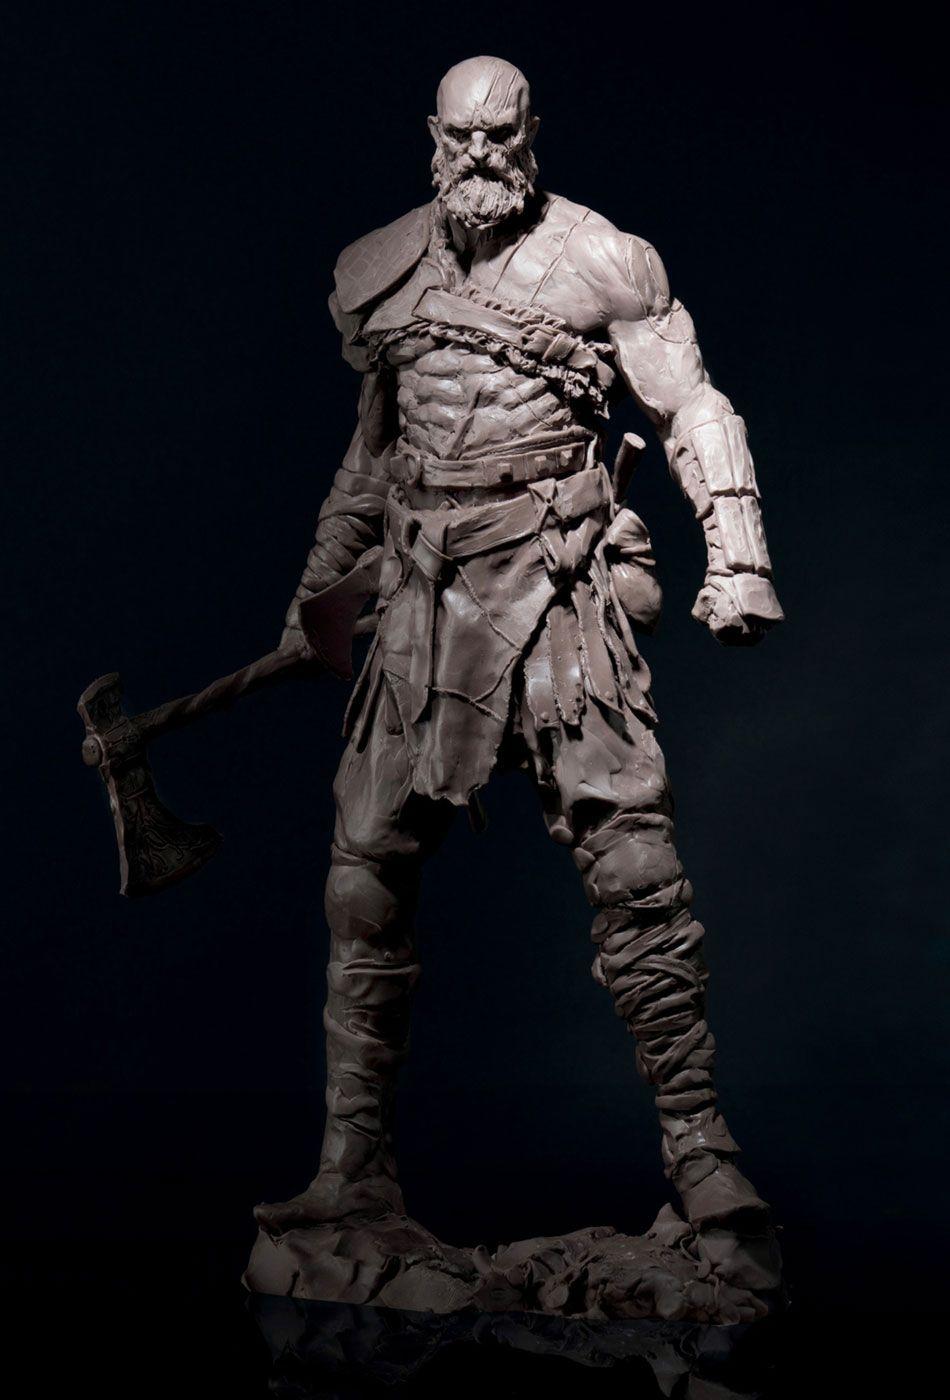 Kratos Sculpt From God Of War Concept Art World Character